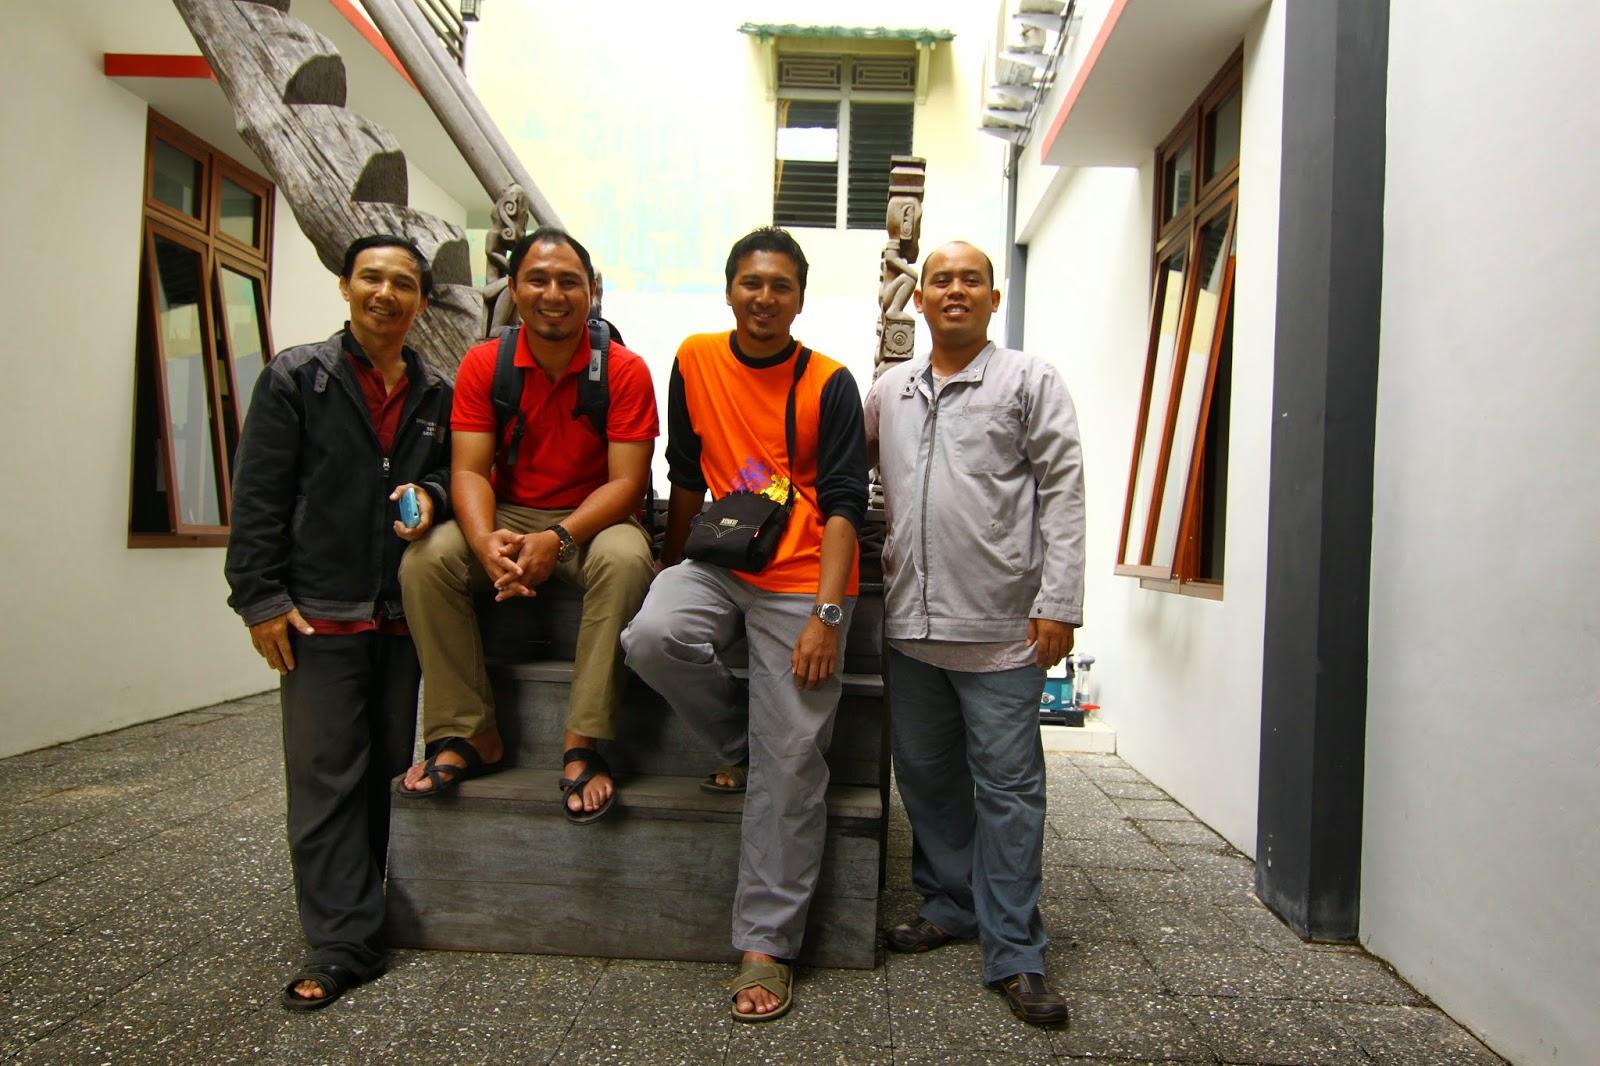 Institut Dayakologi yang mengkaji dan mengumpulkan data mengenai masyarakat Dayak yang berada di Kalimantan Barat